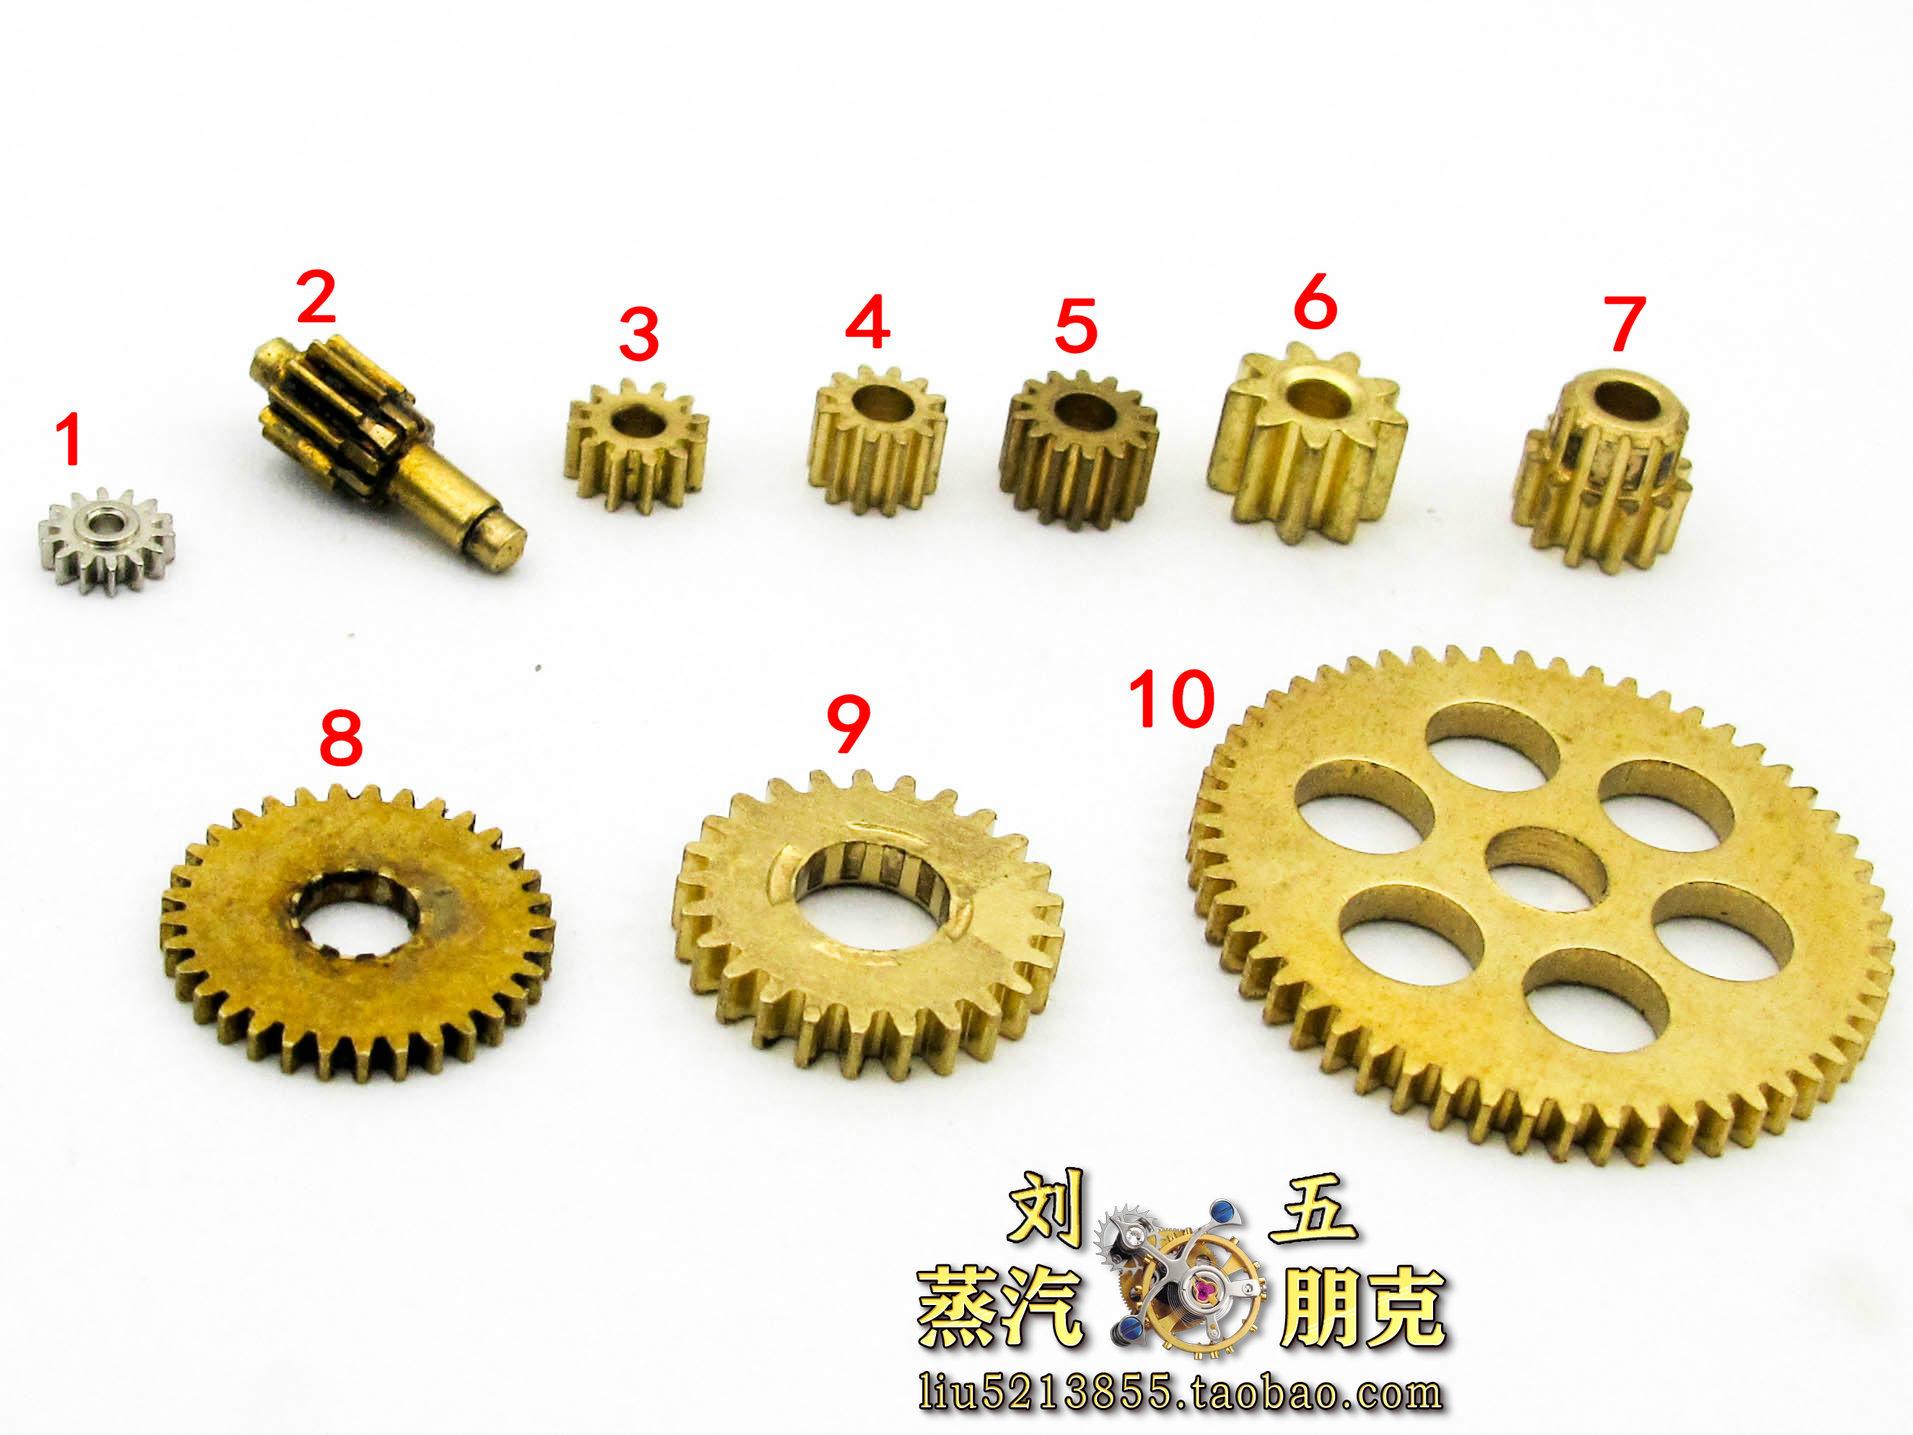 纯铜齿轮机械齿轮蒸汽朋克DIY打火机机械昆虫U盘饰品配件